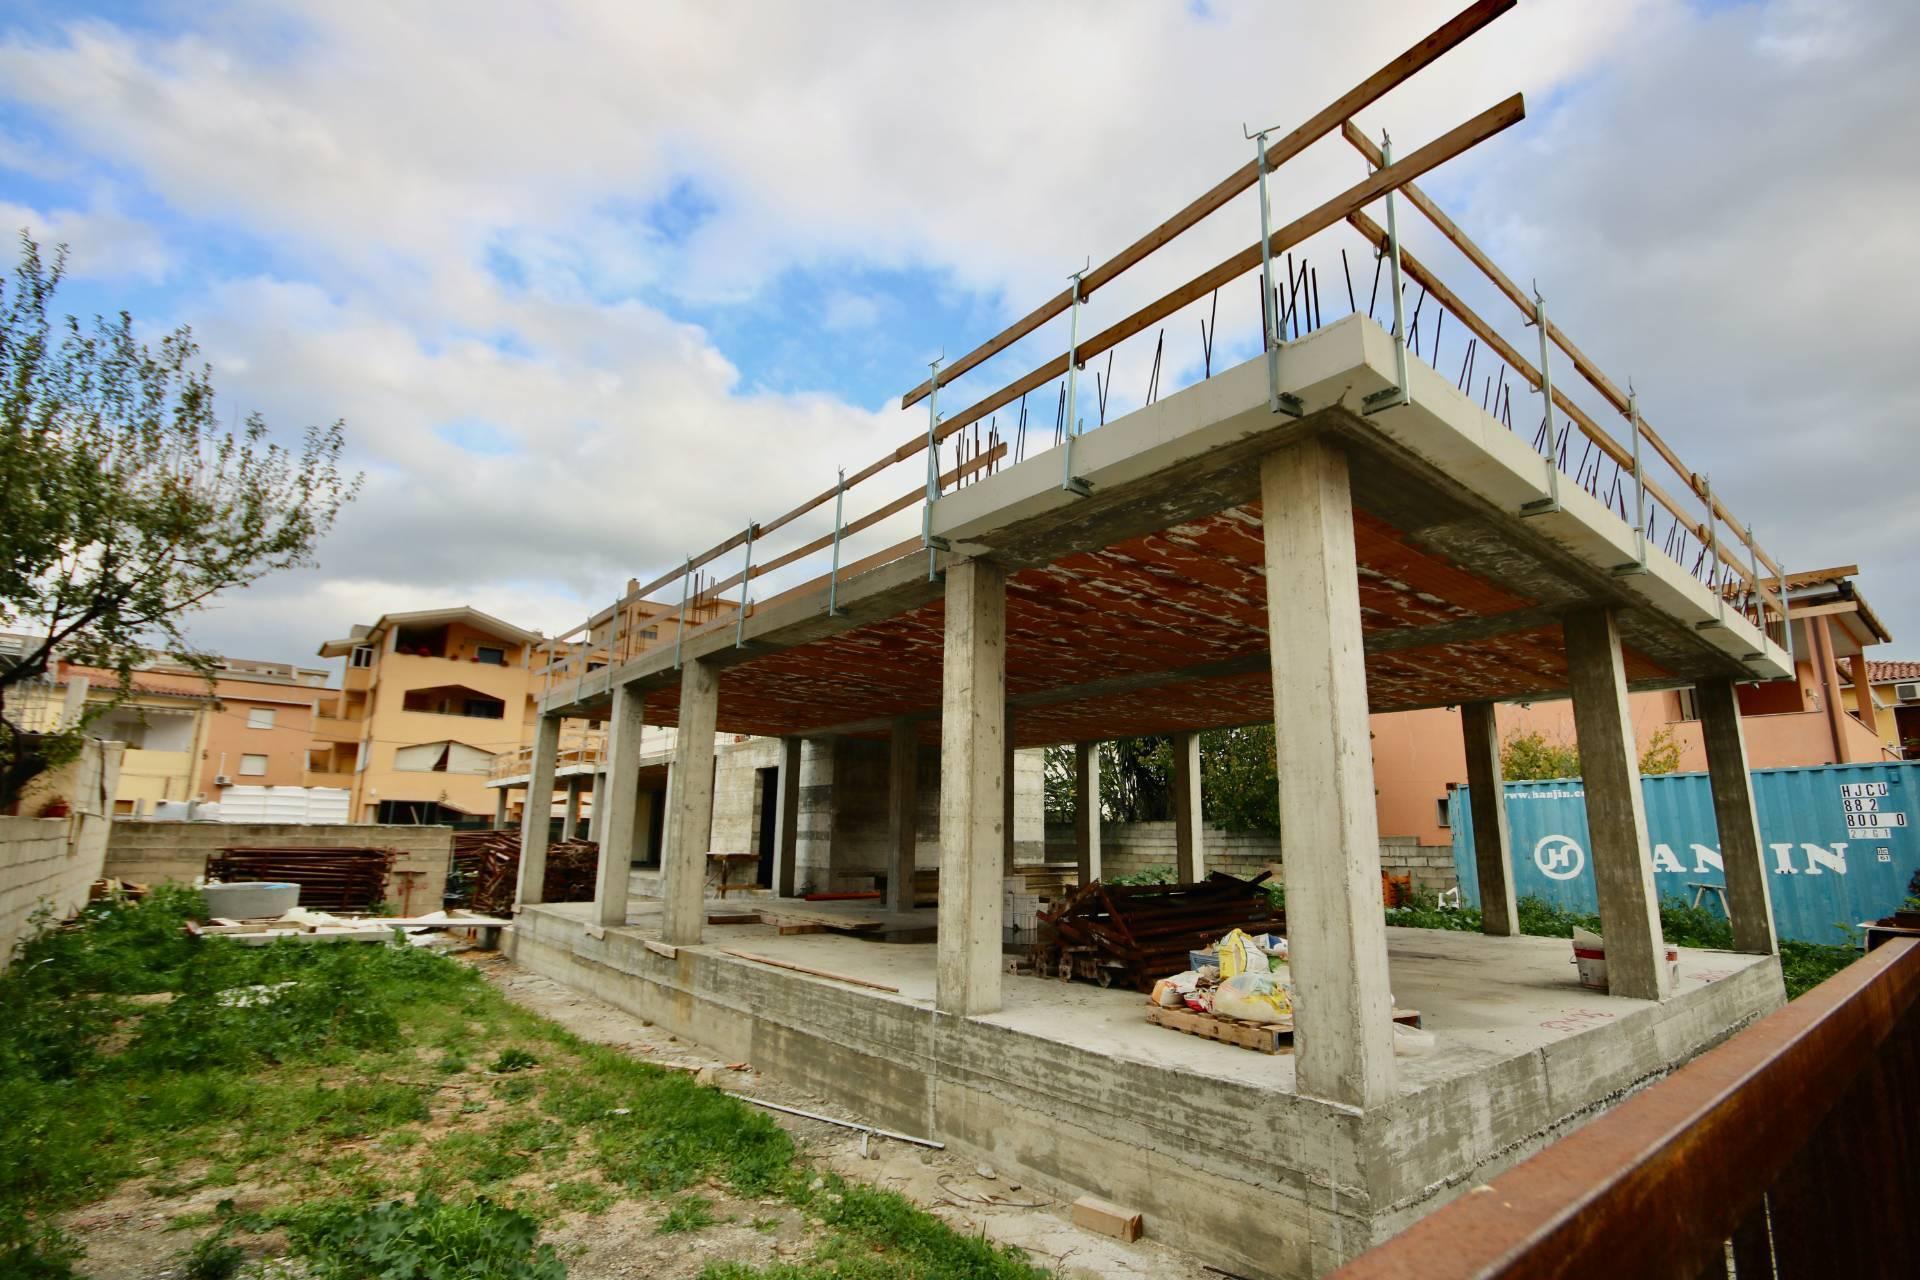 Appartamento in vendita a Olbia - Porto Rotondo, 5 locali, zona Località: Olbiacitt?, prezzo € 260.000   PortaleAgenzieImmobiliari.it